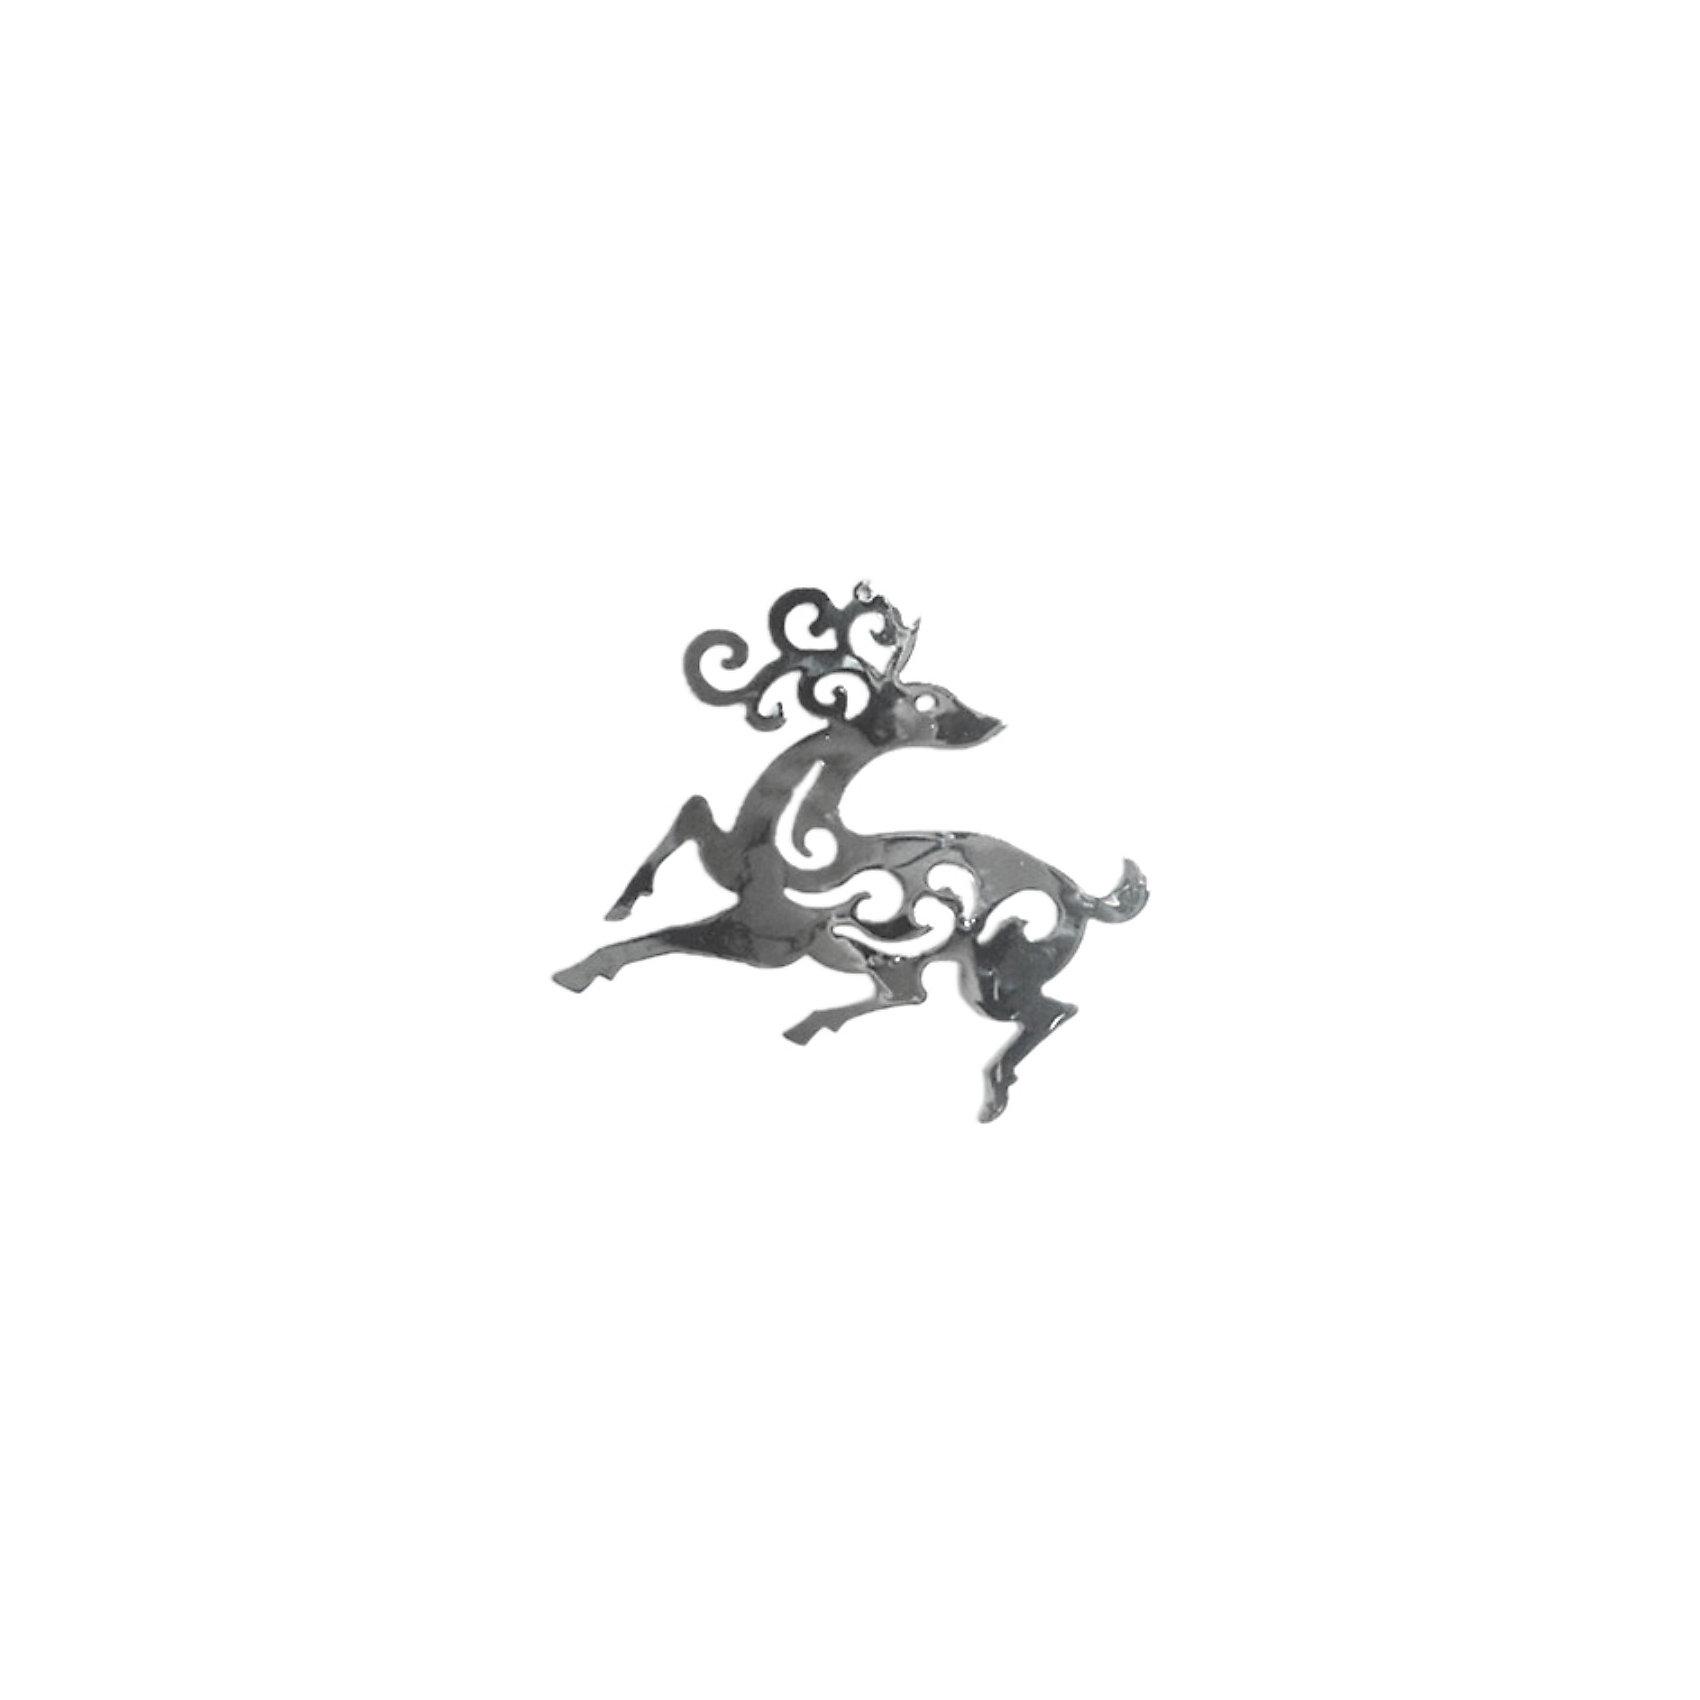 Металлическая подвеска Олень (11,4х10,2 см, цвет серебро), Волшебная странаМеталлическая подвеска Олень, Волшебная страна станет замечательным украшением Вашей новогодней елки или интерьера и поможет создать праздничную волшебную атмосферу. Изящная подвеска выполнена в виде серебристой ажурной фигурки оленя, она будет чудесно смотреться на елке и вызывать положительные эмоции у детей и взрослых.<br><br>Дополнительная информация:<br><br>- Цвет: серебро.<br>- Материал: металл.<br>- Размер: 11,4 х 10,2 см.<br>- Вес: 20 гр. <br><br>Металлическую подвеску Олень, Волшебная страна можно купить в нашем интернет-магазине.<br><br>Ширина мм: 270<br>Глубина мм: 0<br>Высота мм: 120<br>Вес г: 17<br>Возраст от месяцев: 36<br>Возраст до месяцев: 2147483647<br>Пол: Унисекс<br>Возраст: Детский<br>SKU: 3800262